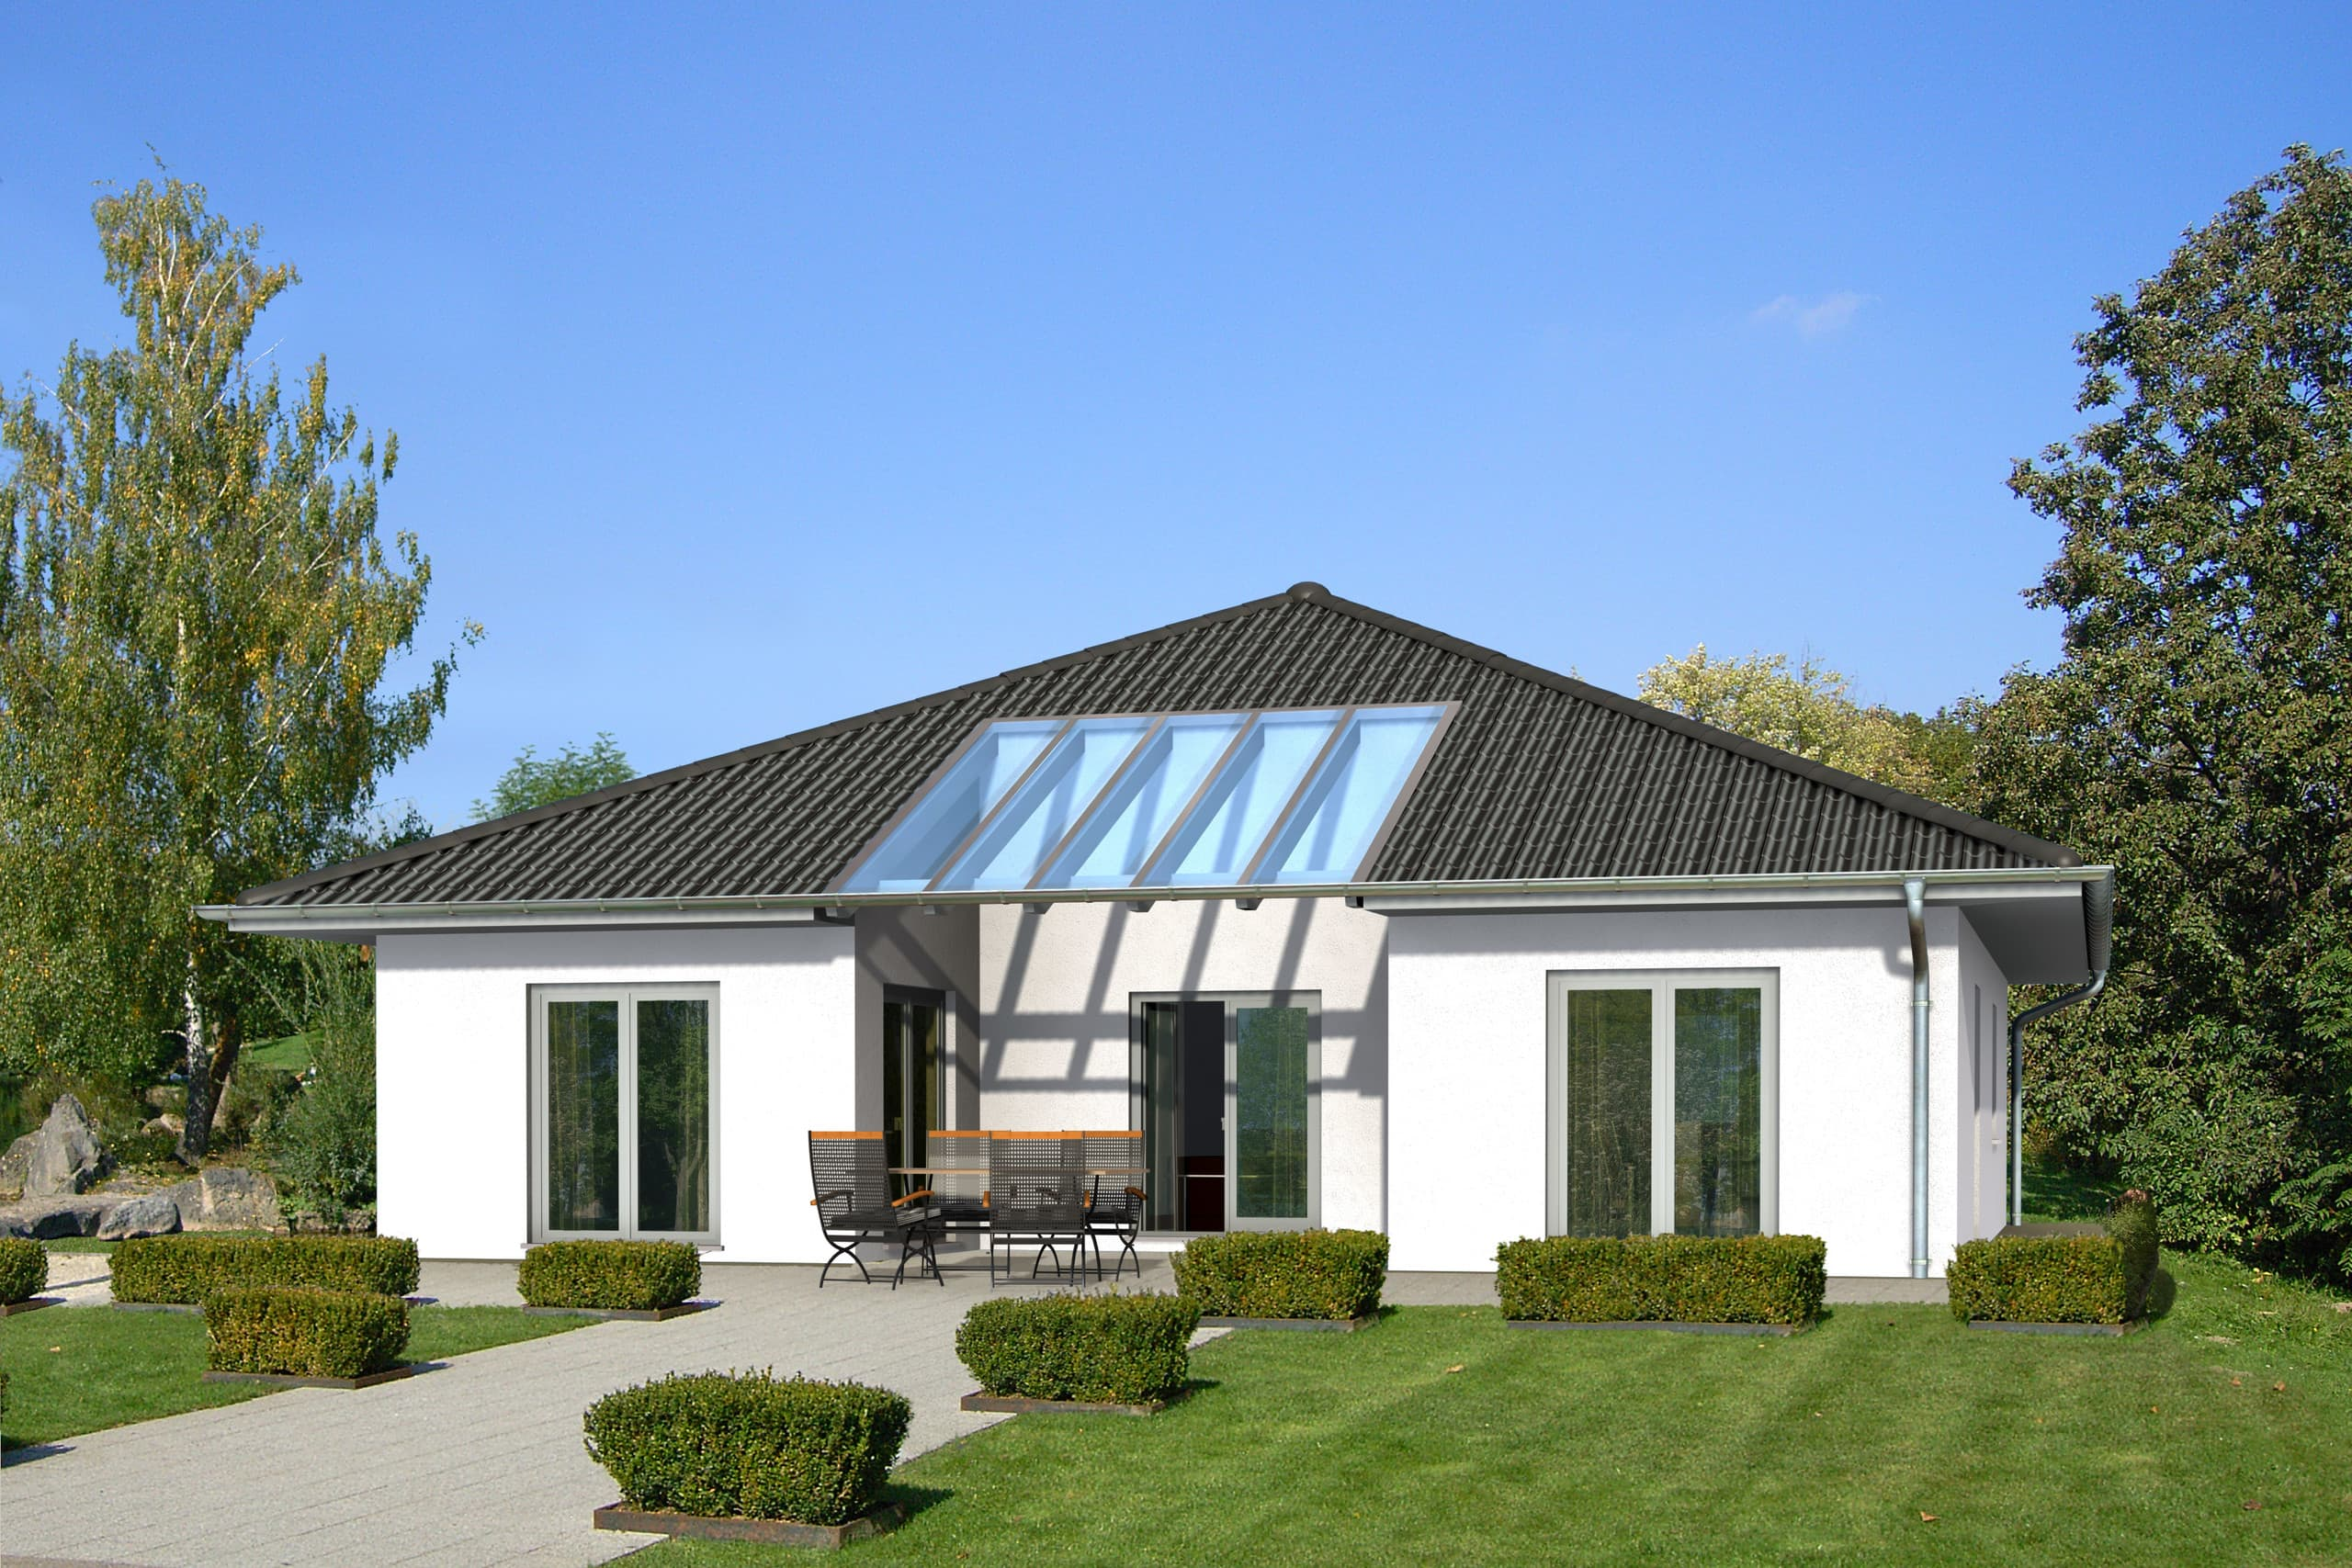 Meisterst ck haus bungalow atrium for Atriumhaus bauen